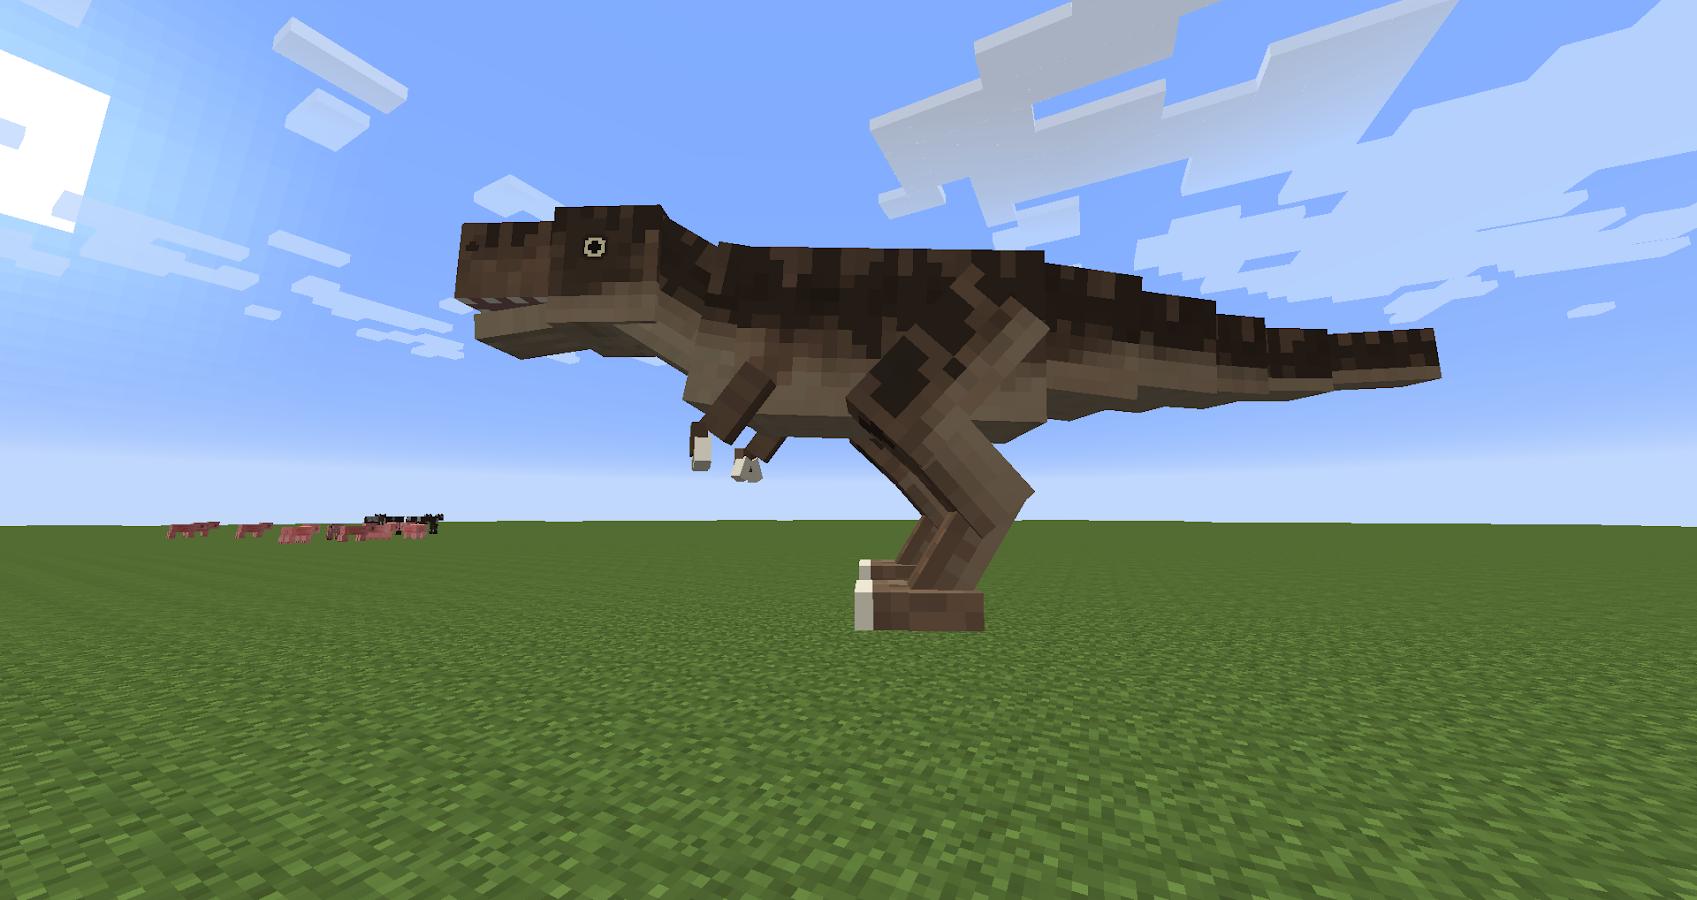 мод на динозавров в майнкрафт 1.7.2 #11